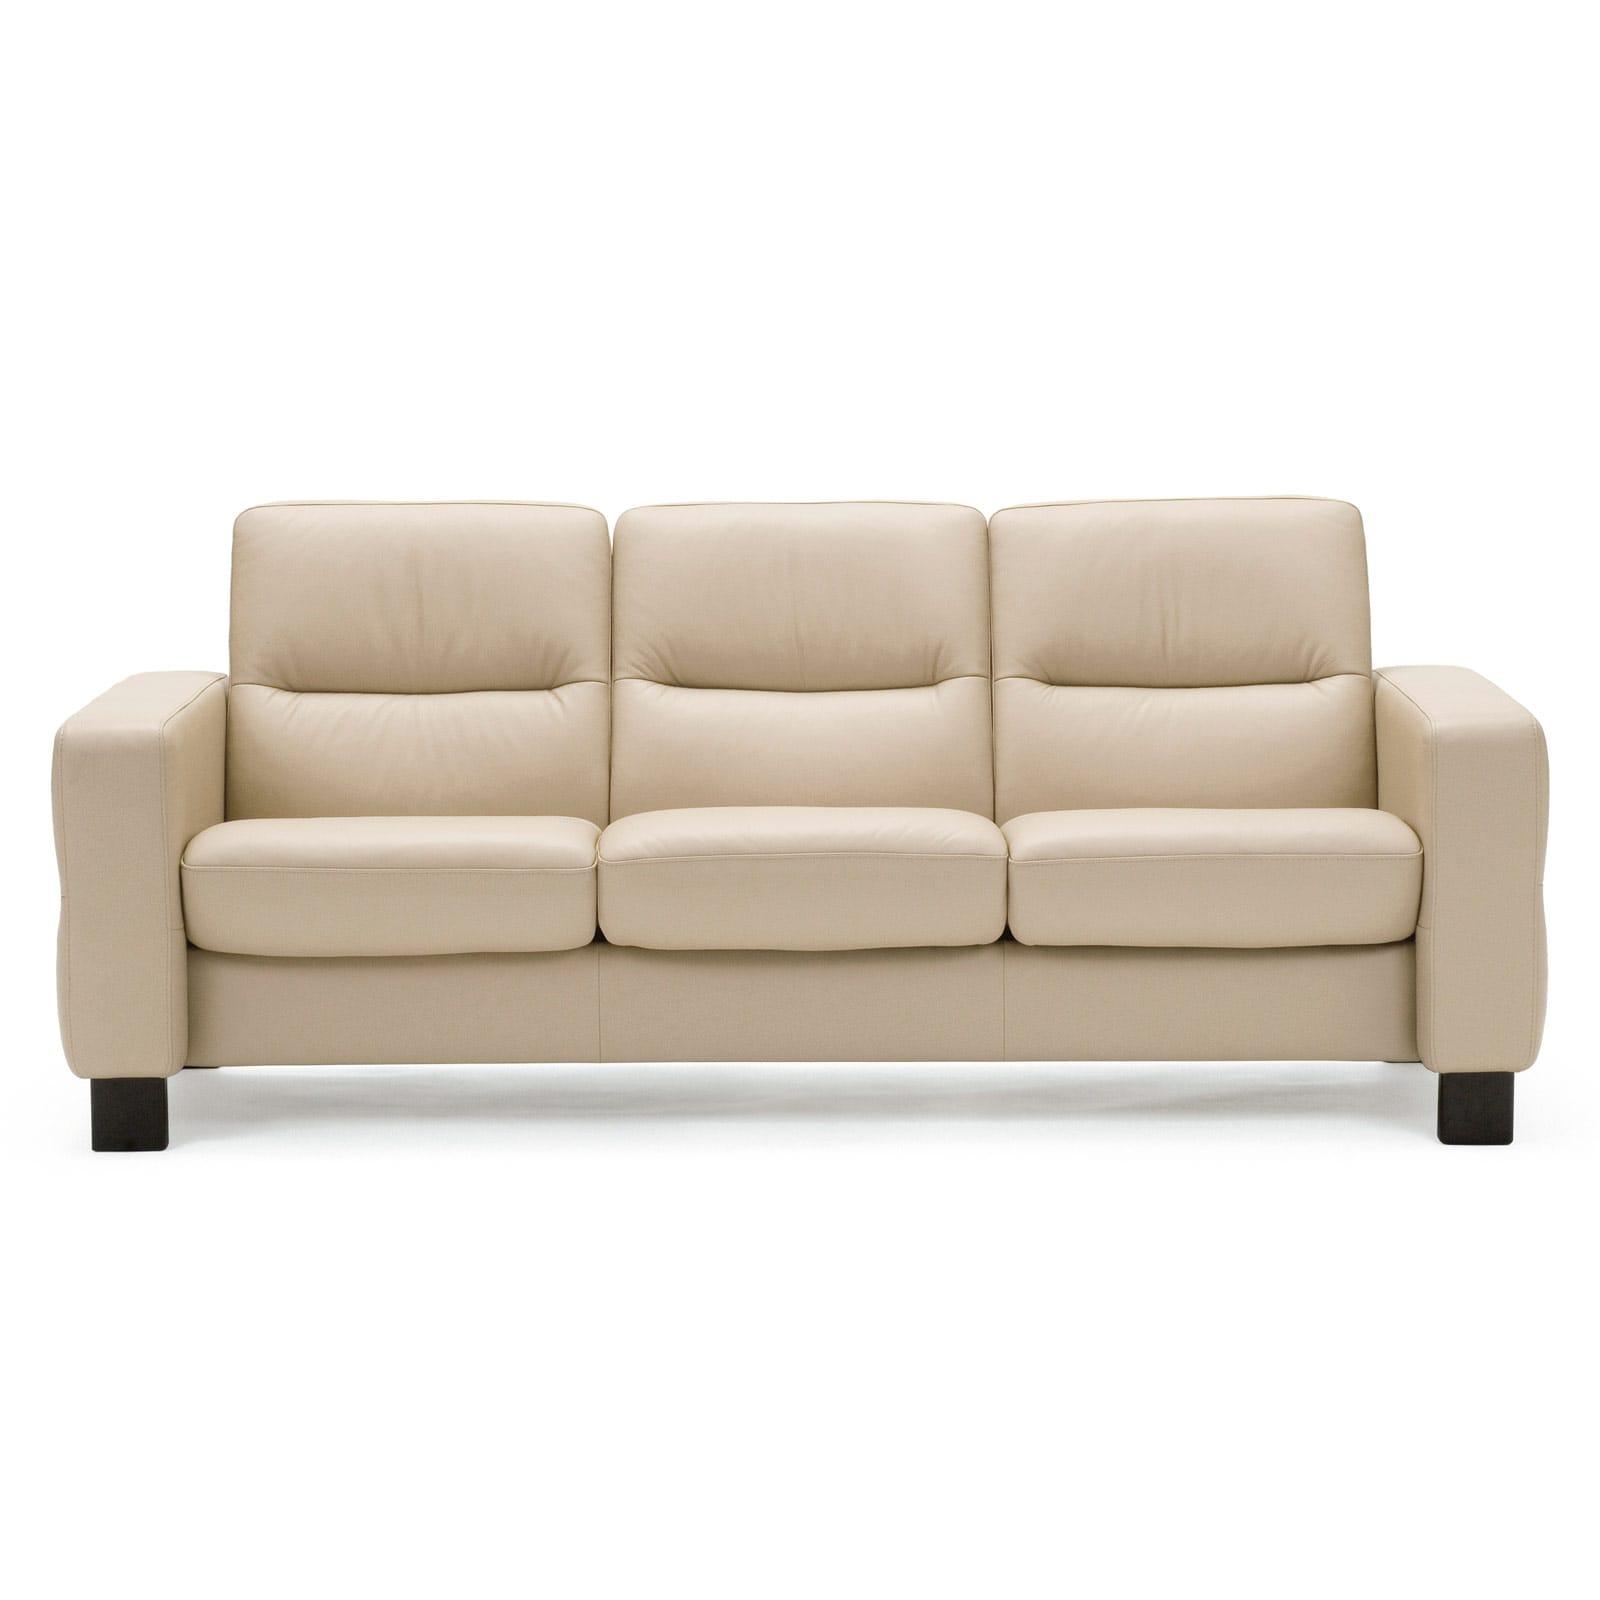 Full Size of Stressless Sofa 3 Sitzer Wave M Niedrig Batick Cream Ebay Mit Recamiere Günstig Kaufen Barock Ikea Schlaffunktion Schlafsofa Liegefläche 160x200 2 Sofa Sofa 3 Sitzer